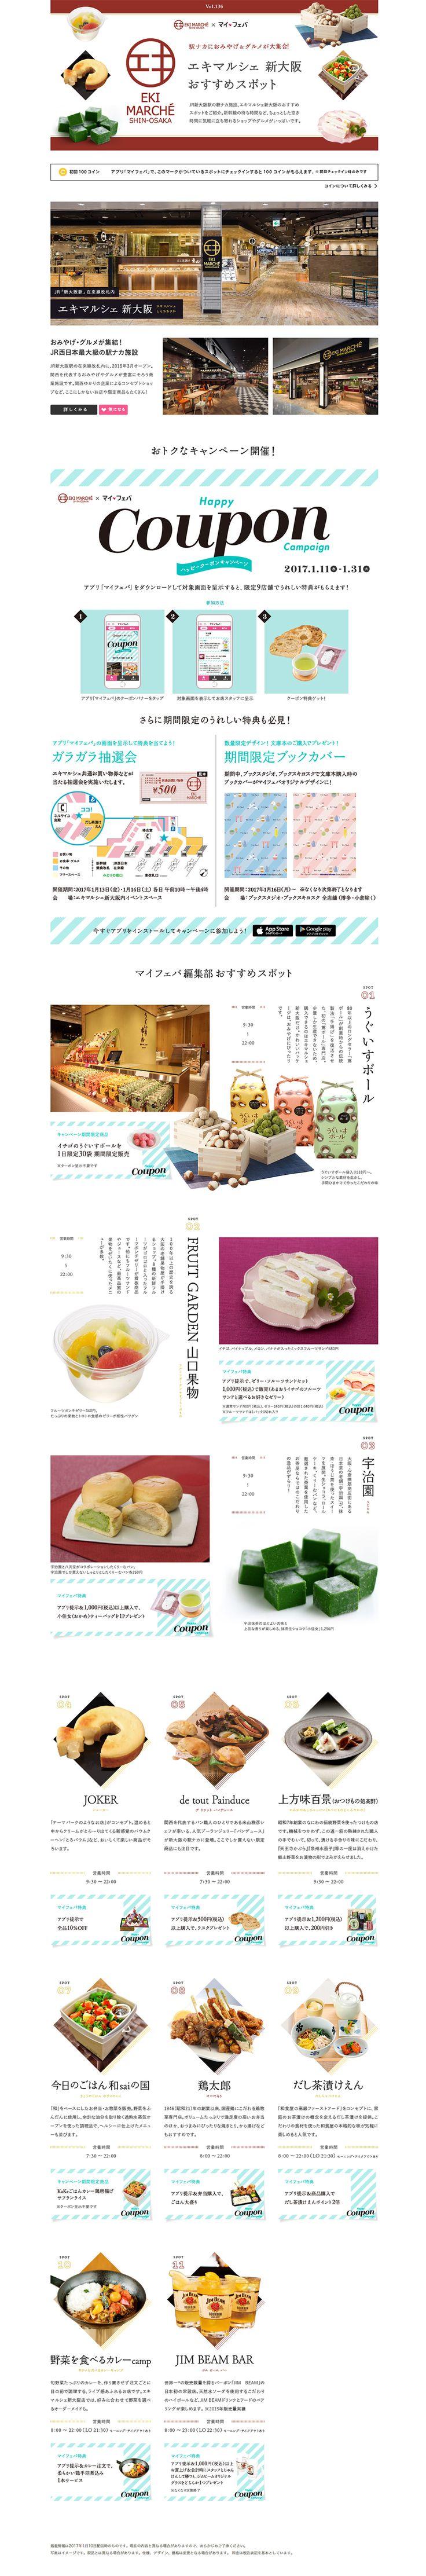 ランディングページ LP エキマルシェ新大阪 おすすめスポット 食品 自社サイト